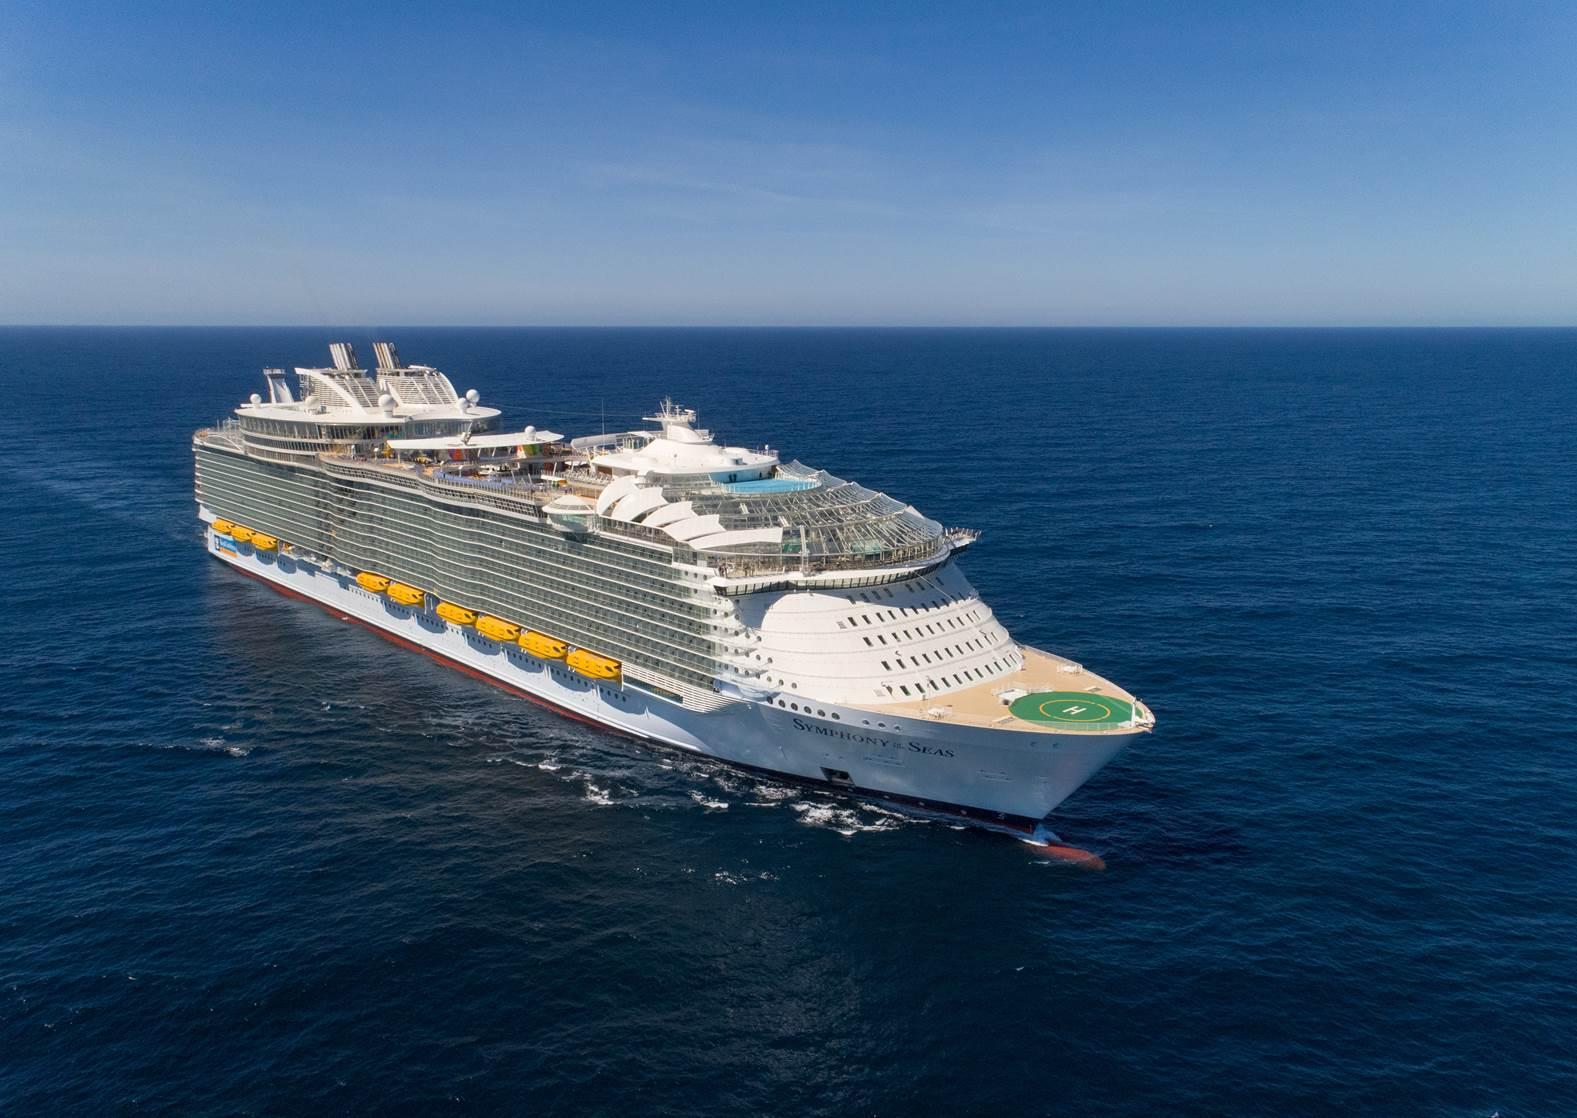 Το μεγαλύτερο πλοίο της Carnival